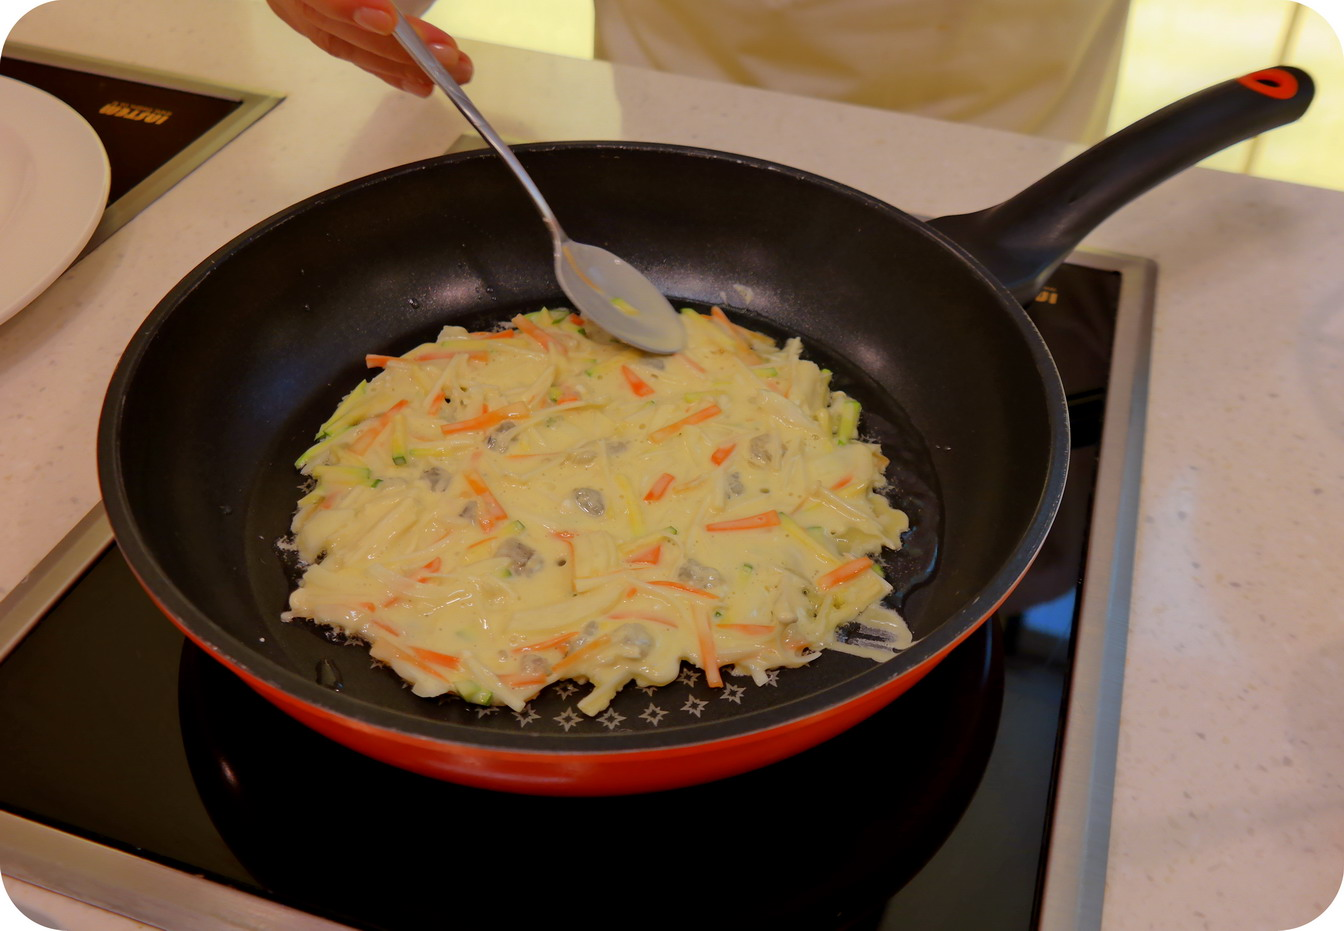 Blog Indonesia Page 2167 Of 2173 Produk Ukm Bumn Jus Durian Lite Kuning Omah Duren Pancake Ala Korea